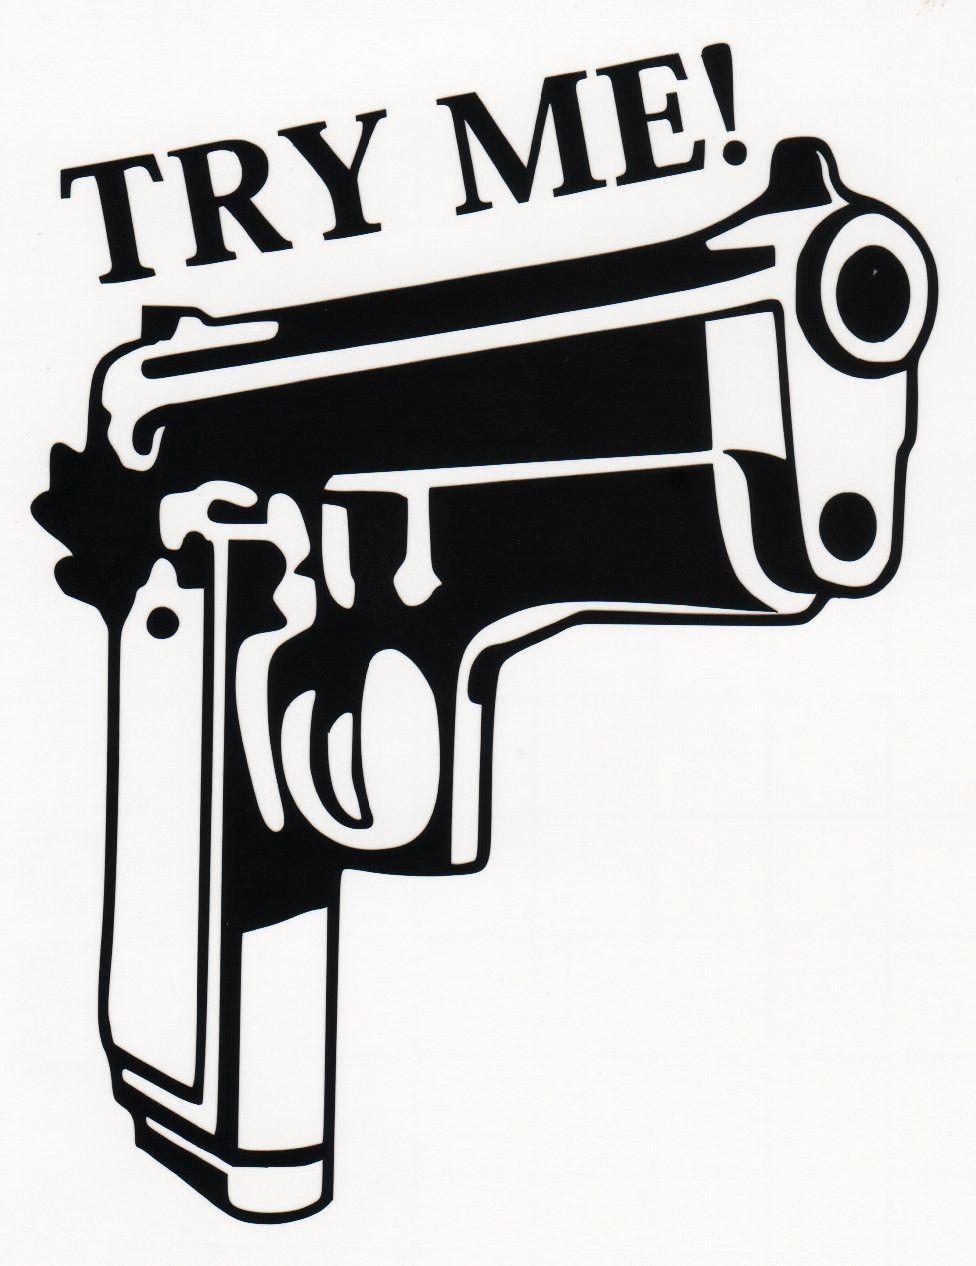 Design a car decal online - Try Me Handgun Guns Car Truck Window Vinyl Decal Bumper Sticker Pistol Try Me Car Decal Sticker Online With 33 17 Piece On Cnhot S Store Dhgate Com